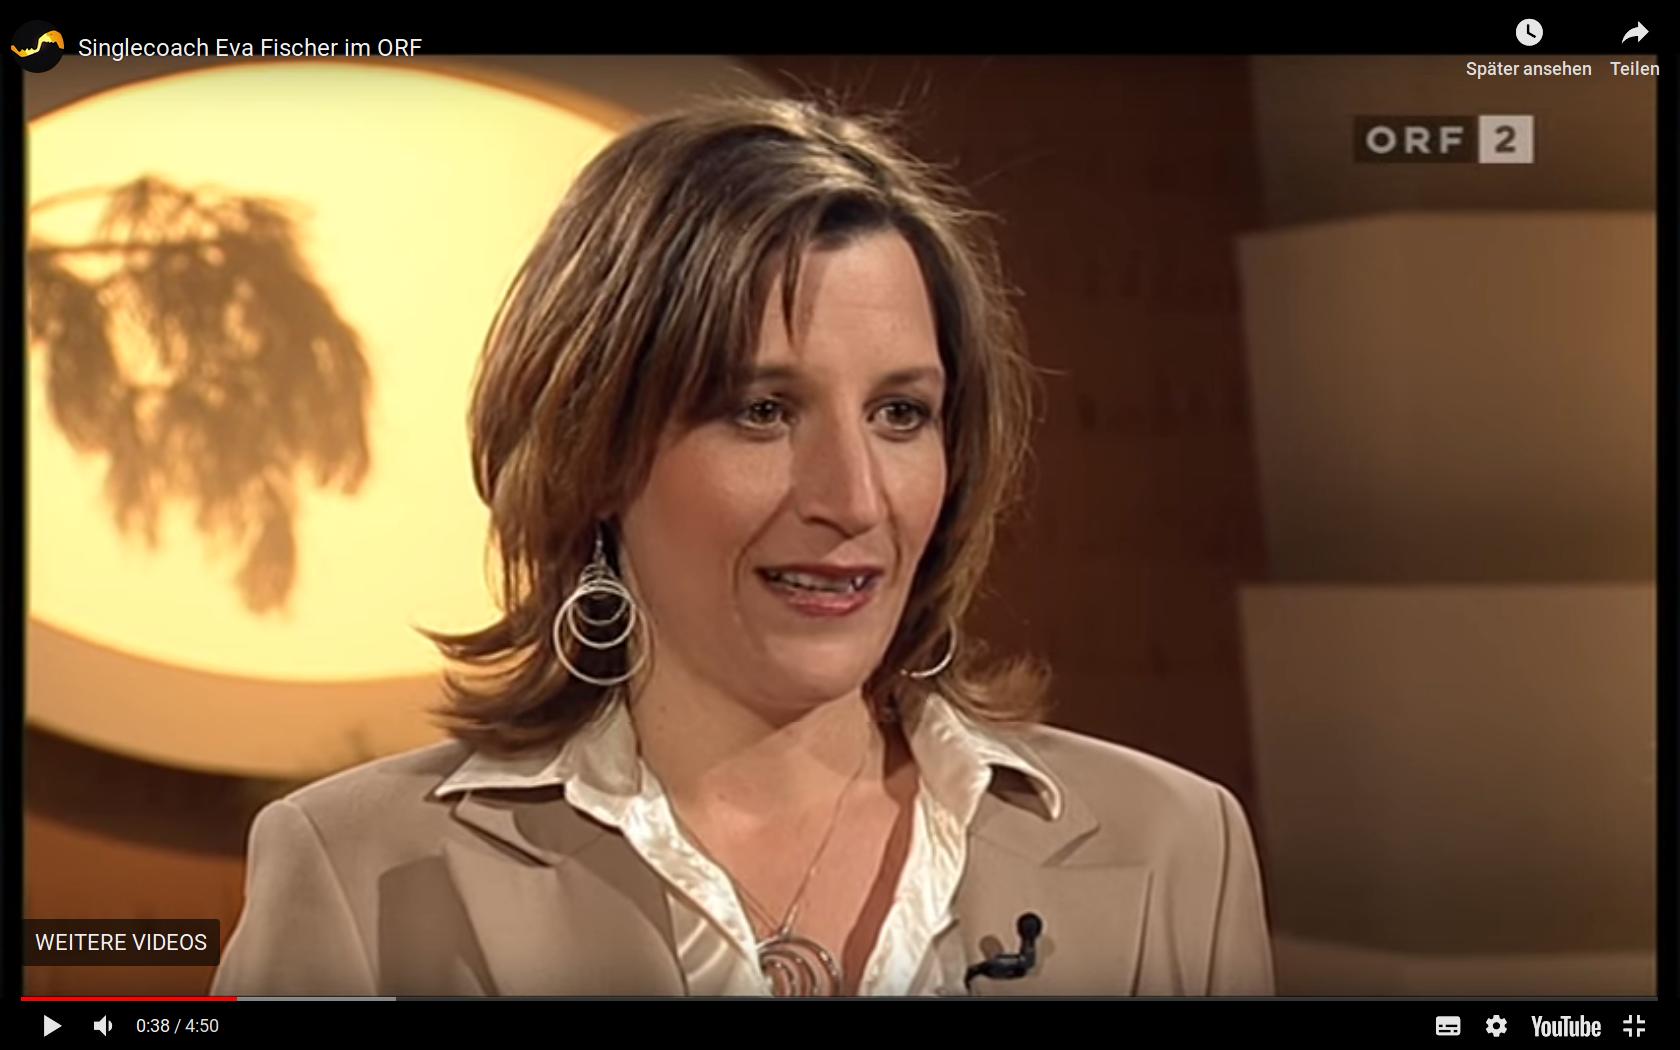 ORF-Eva-Fischer